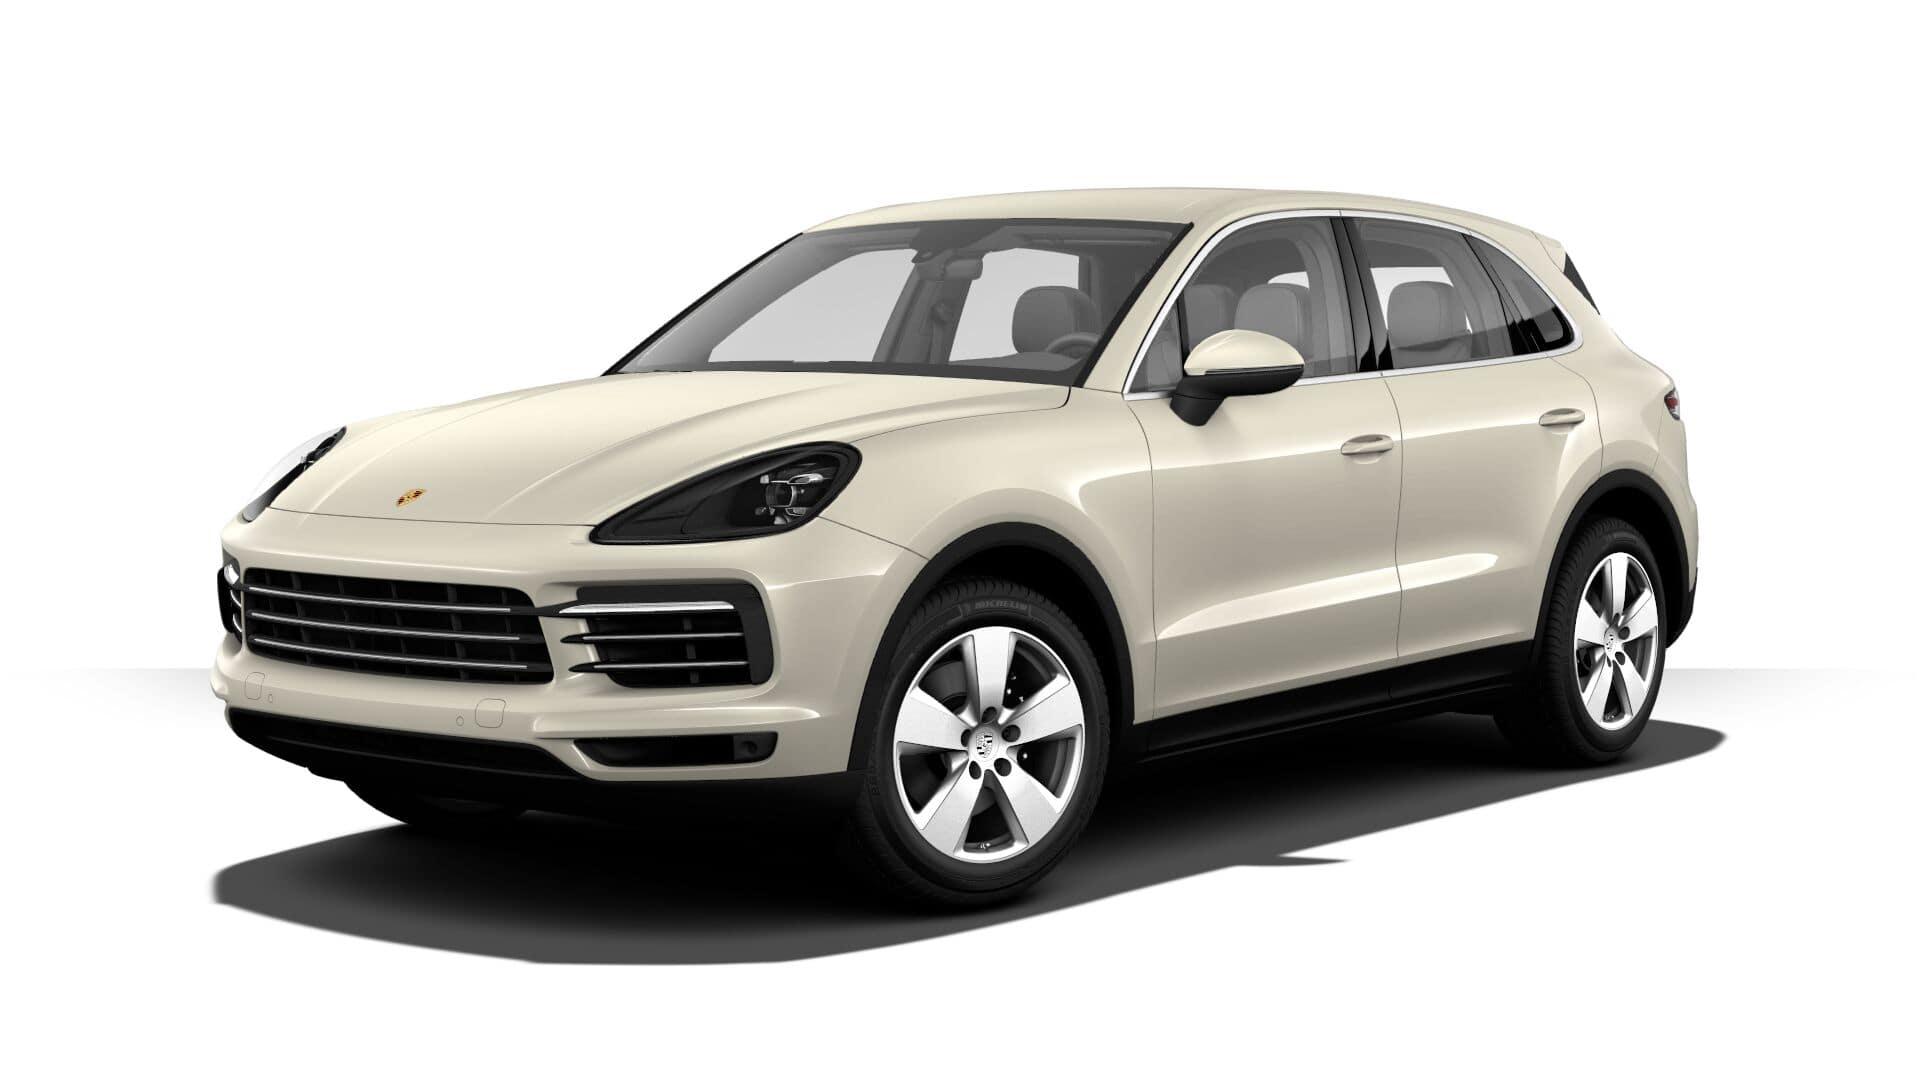 New 2020 Porsche Cayenne | Porsche St. Paul